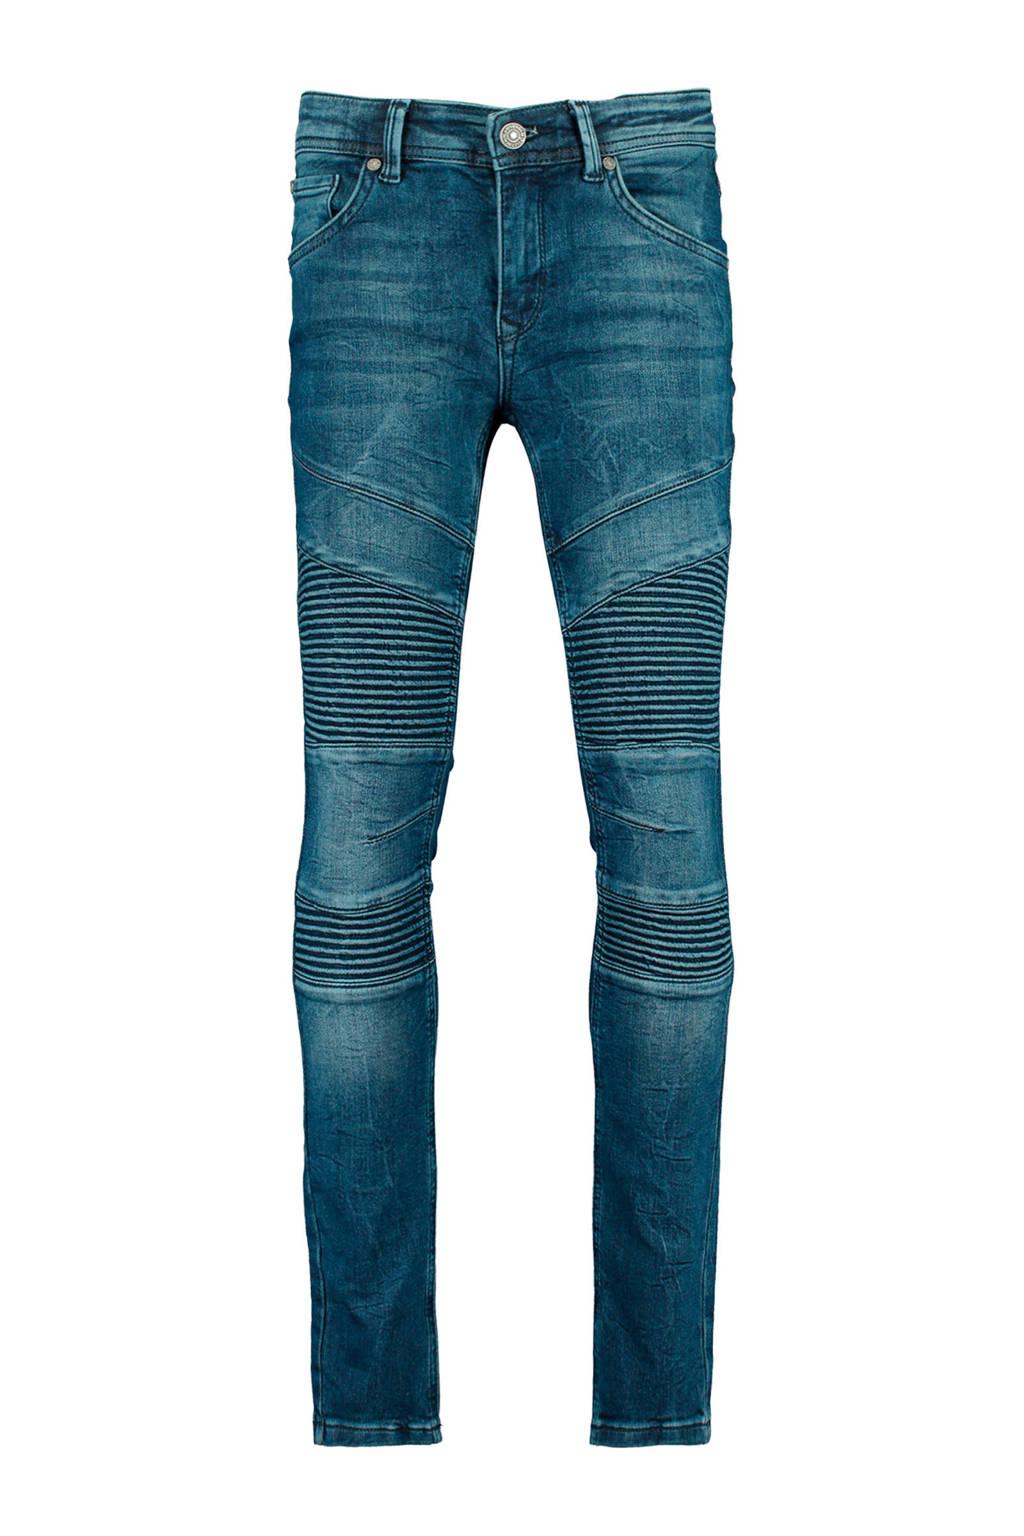 CoolCat Junior skinny jeans Koen met textuur blauw, Blauw